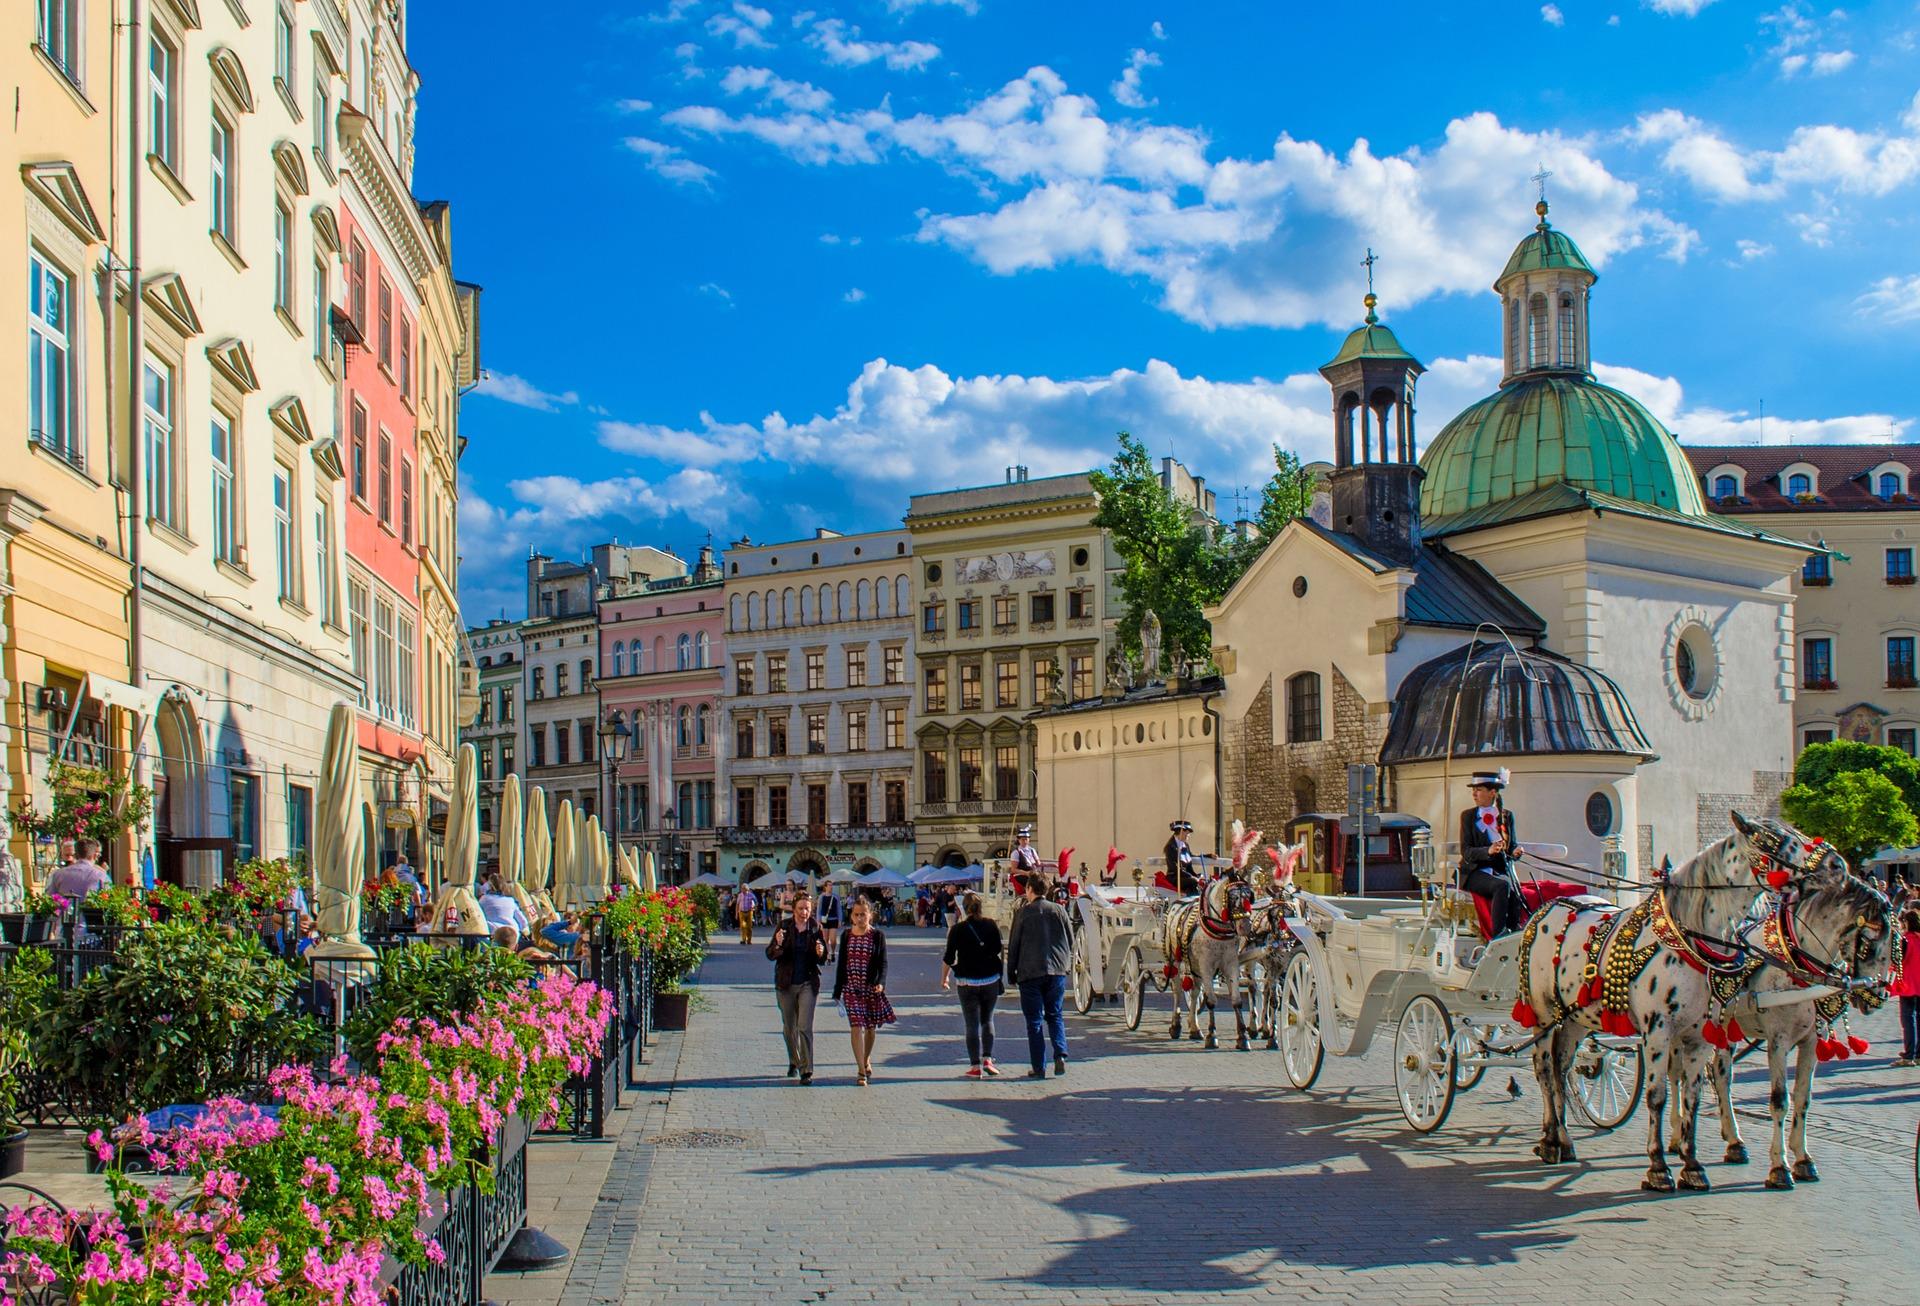 Städtereise Krakau günstig buchen ab 14,00€ die Nacht im Hotel